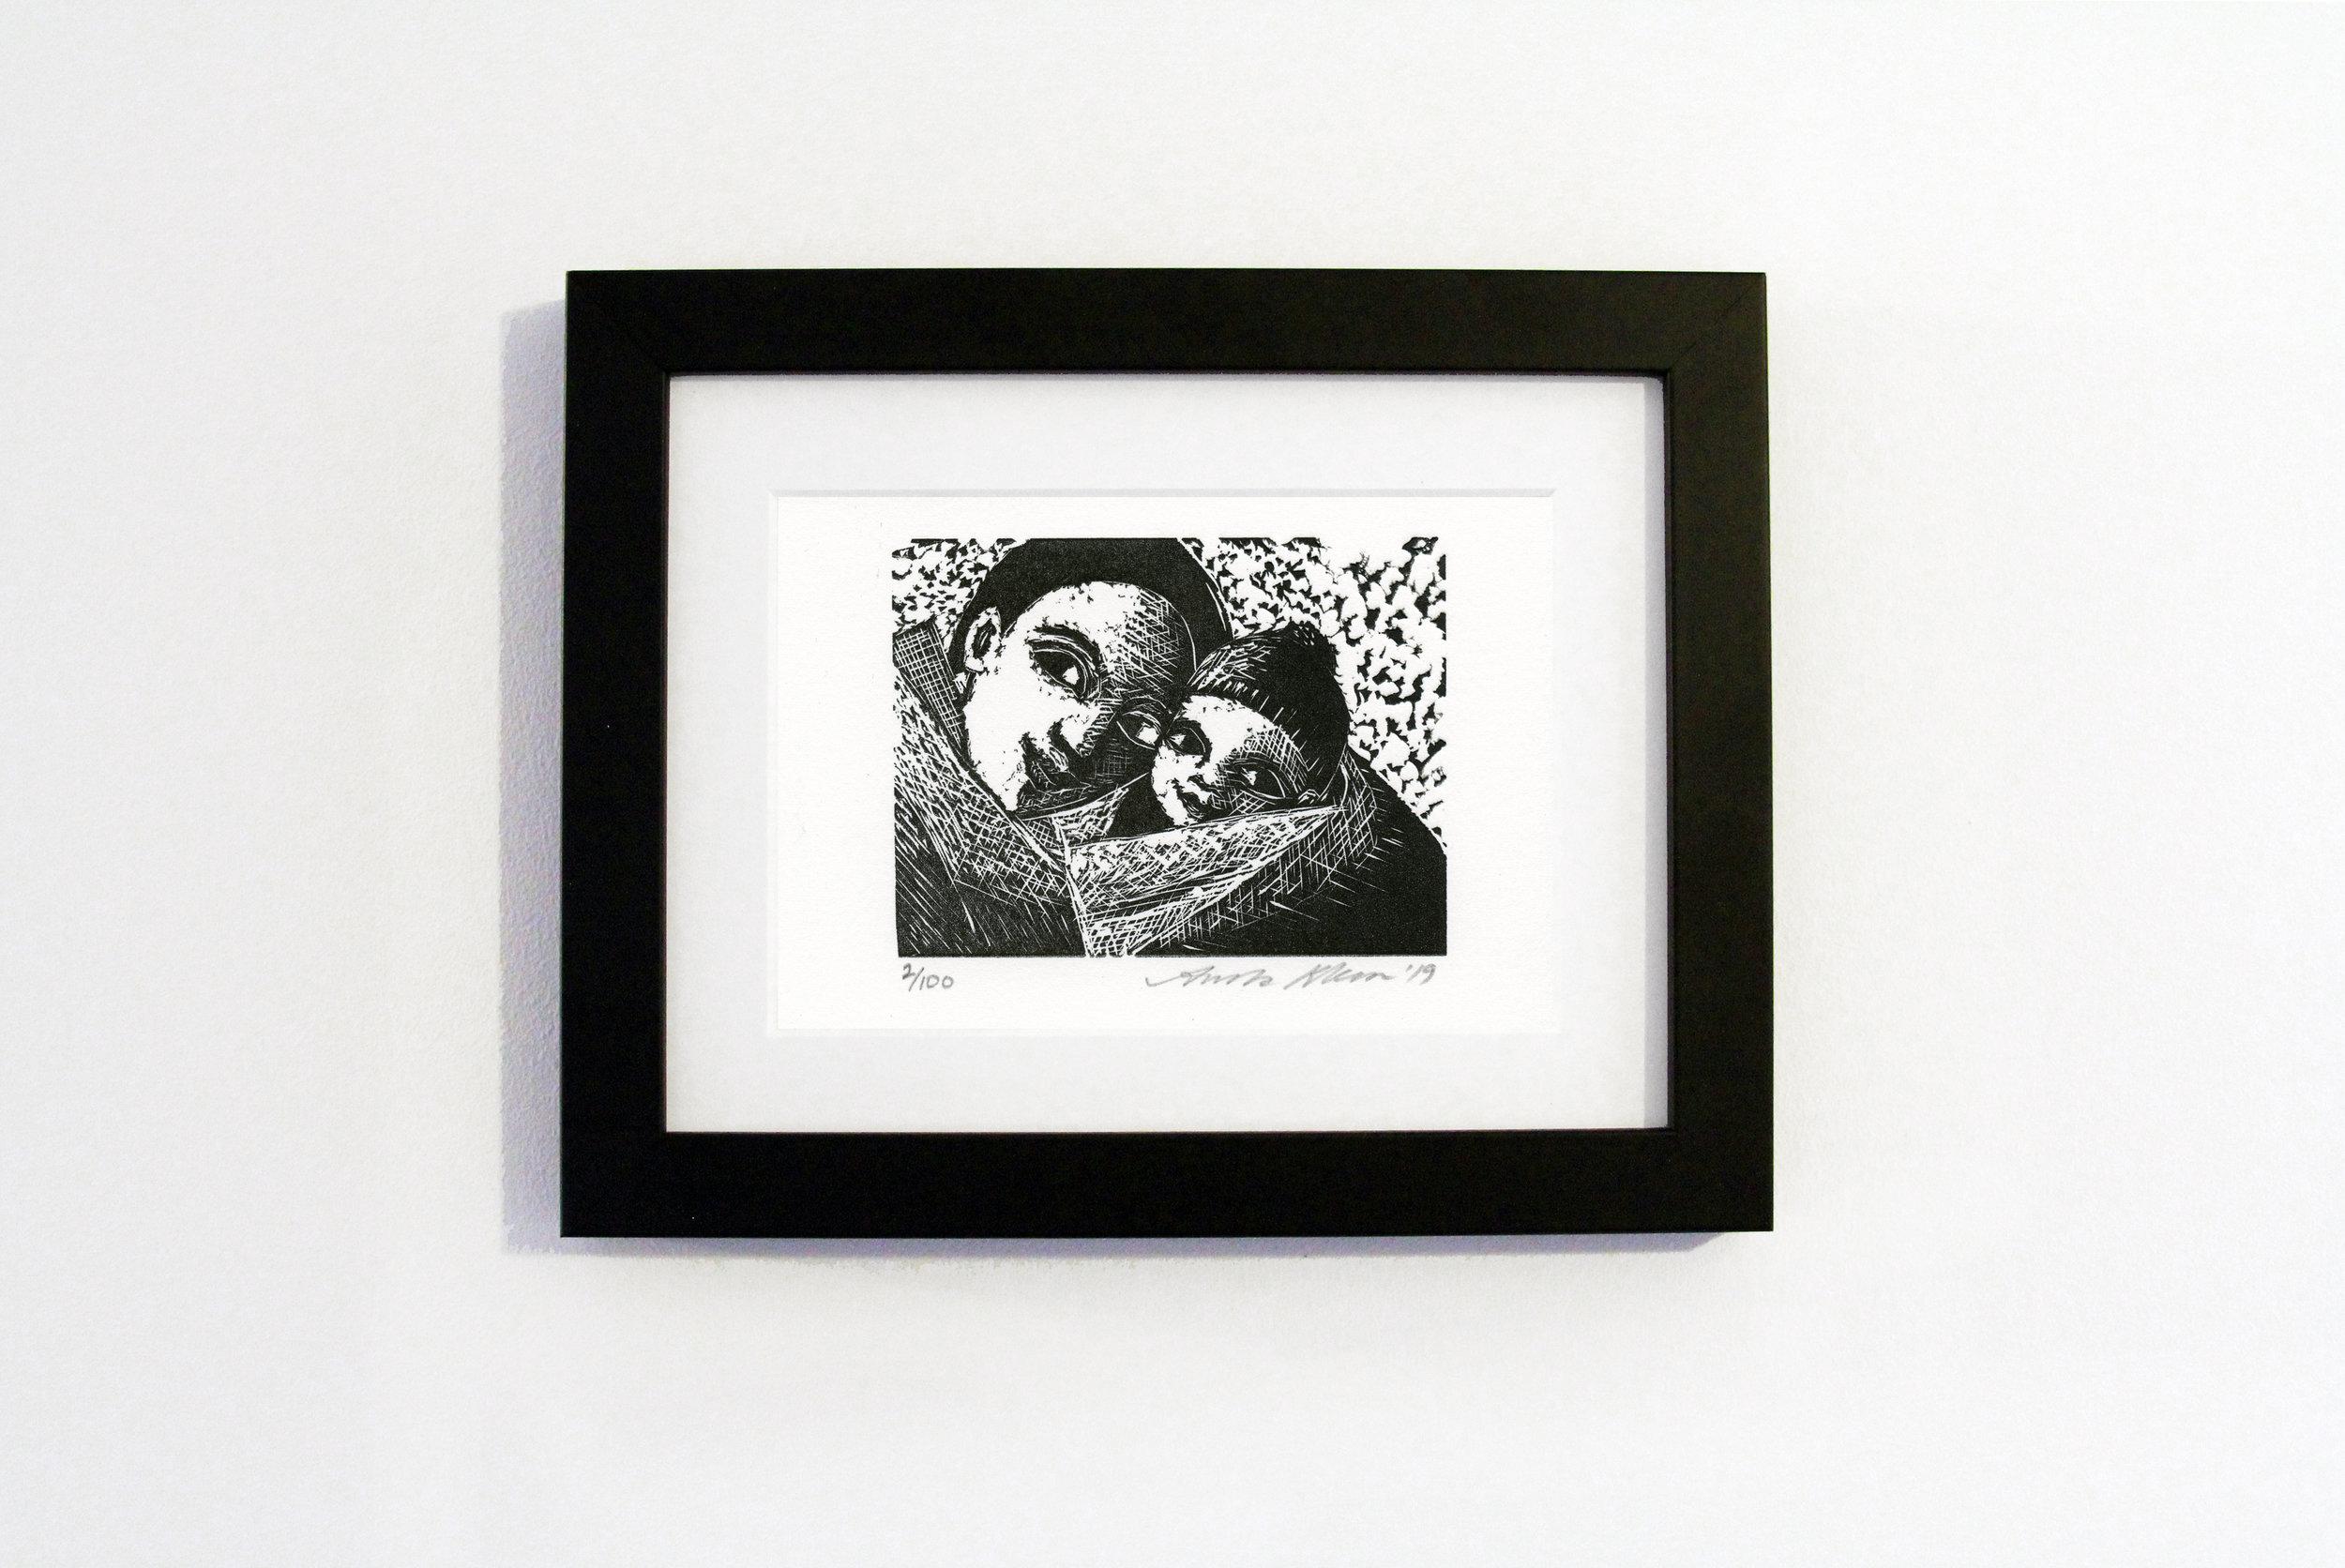 Anita Klein - Black Frame.jpg